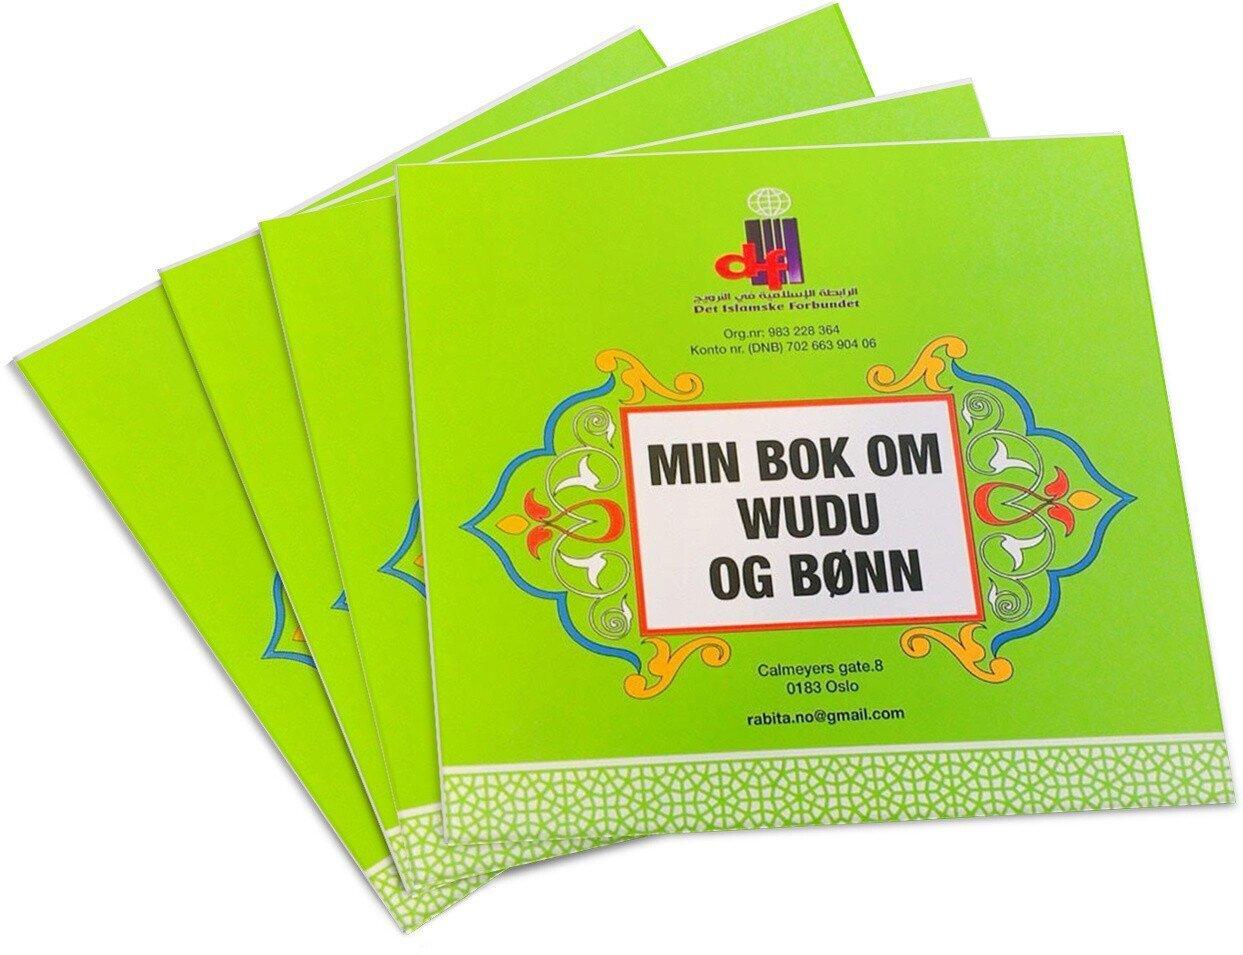 Min bok om wudhu og bønn